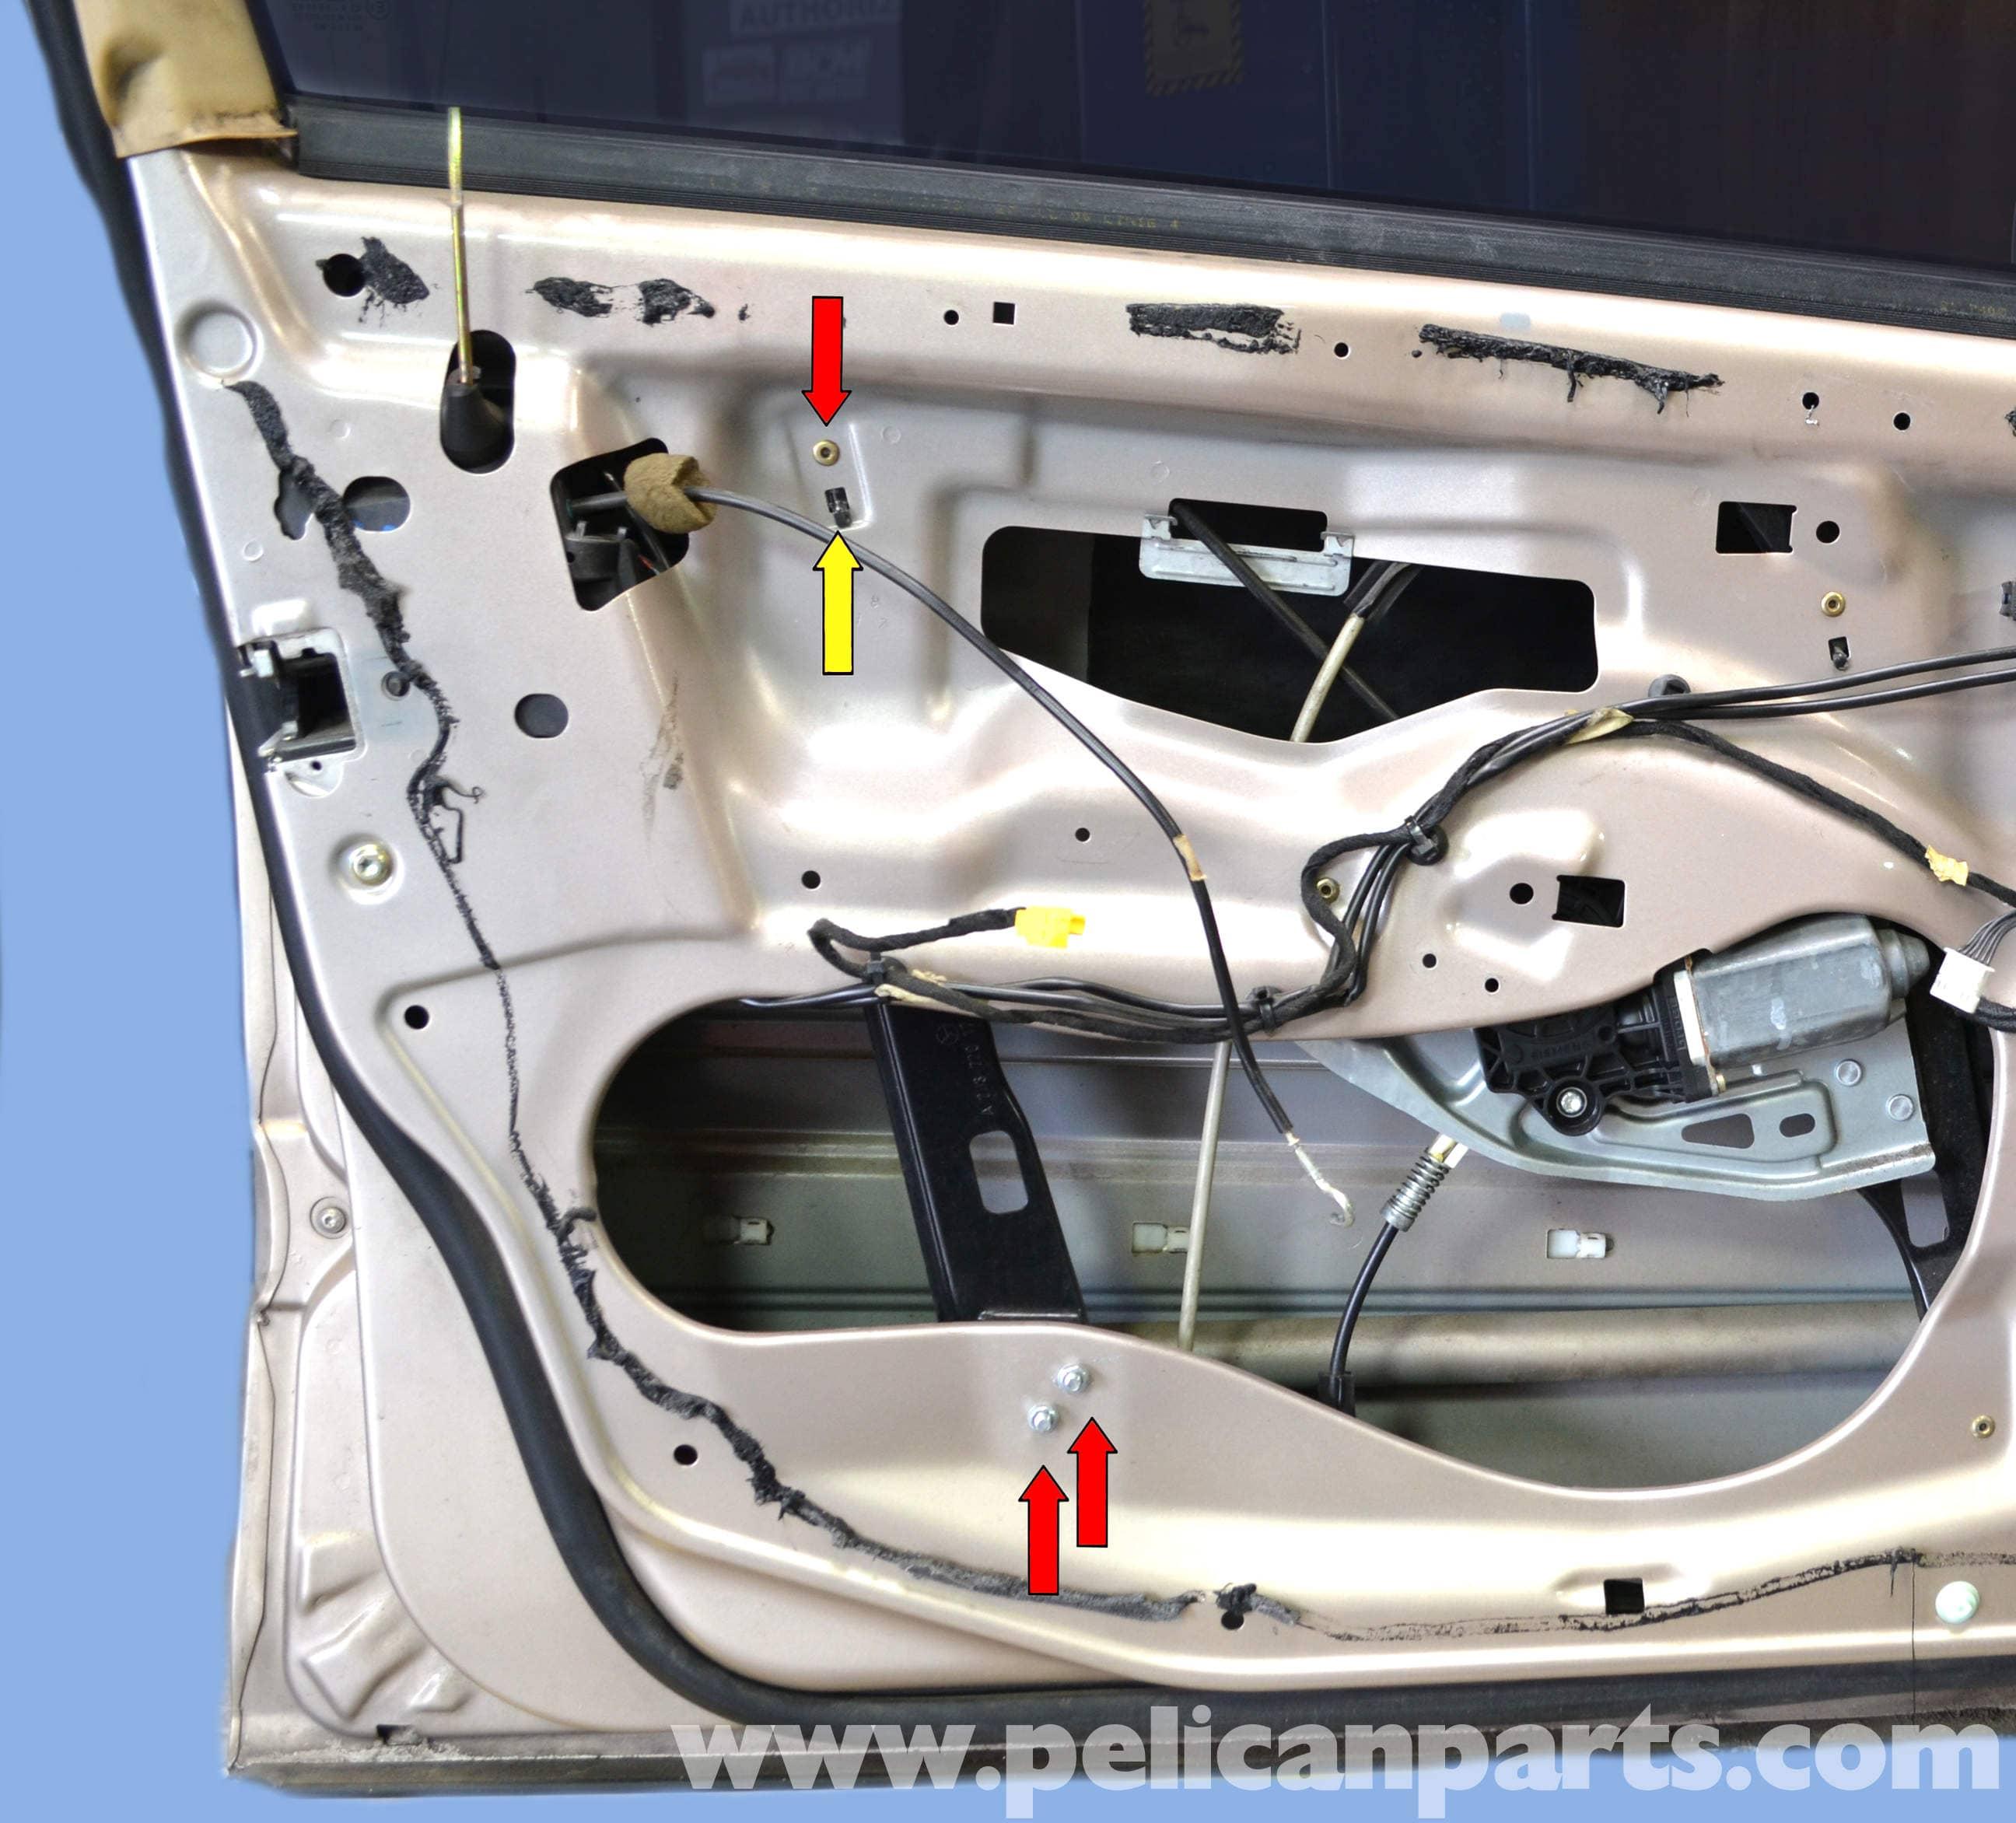 mercedes-benz w203 front door lock removal - (2001-2007) c230